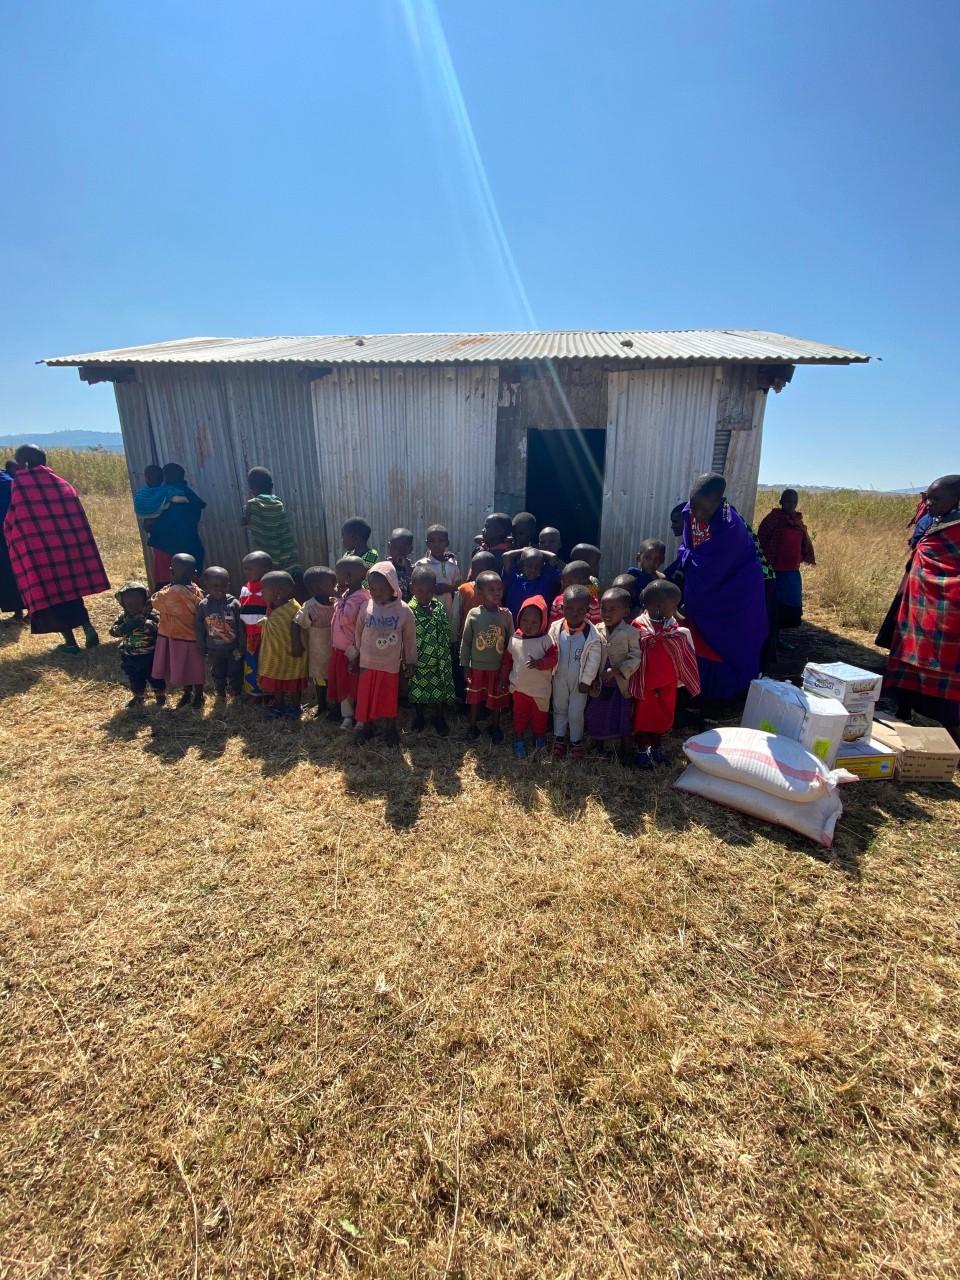 Hütte mit Kindern und Essenspaketen